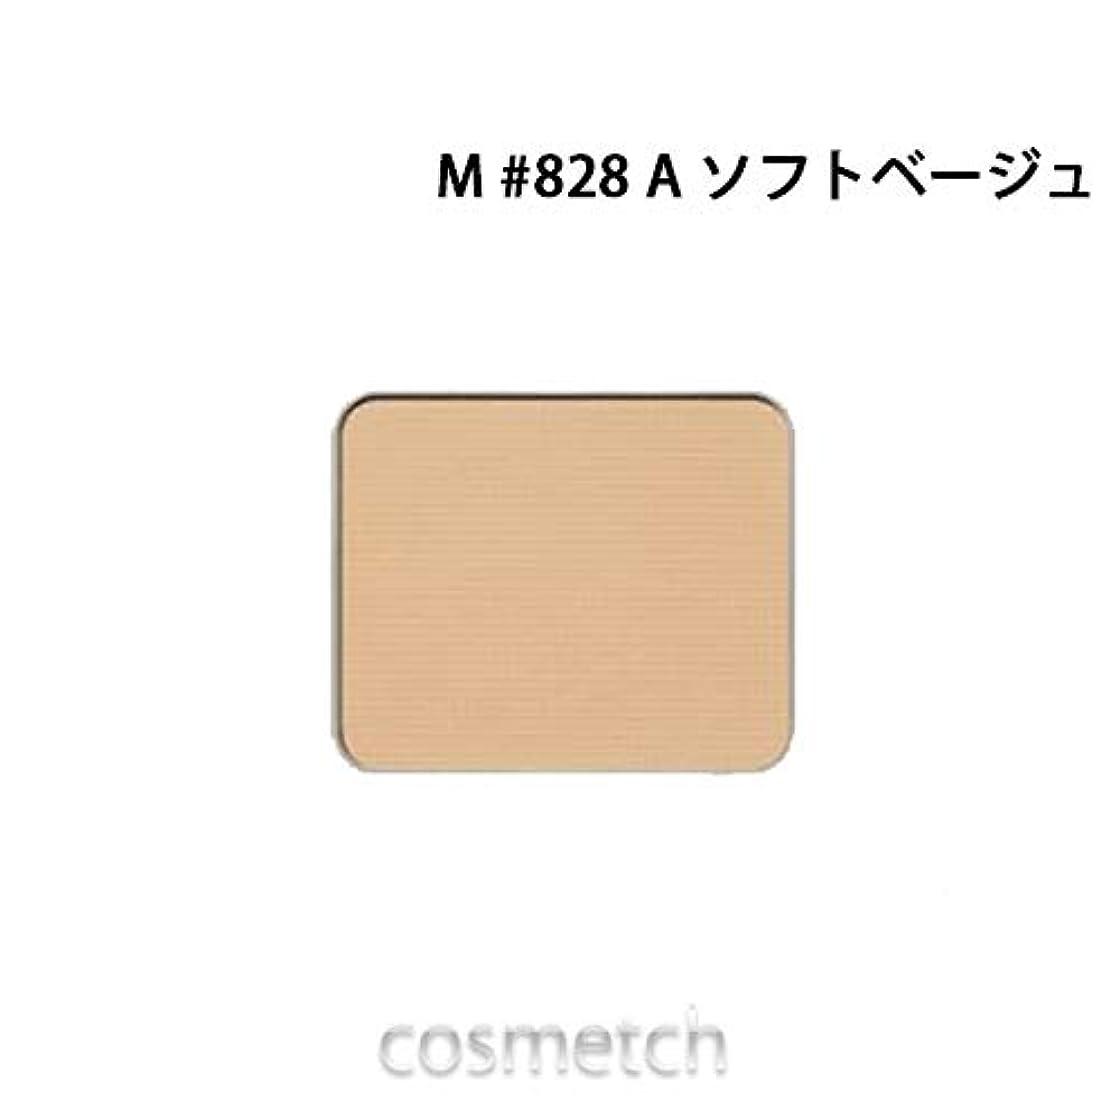 膨張する内向き概して【シュウ ウエムラ】プレスド アイシャドー レフィル #M828 A 1.4g [並行輸入品]